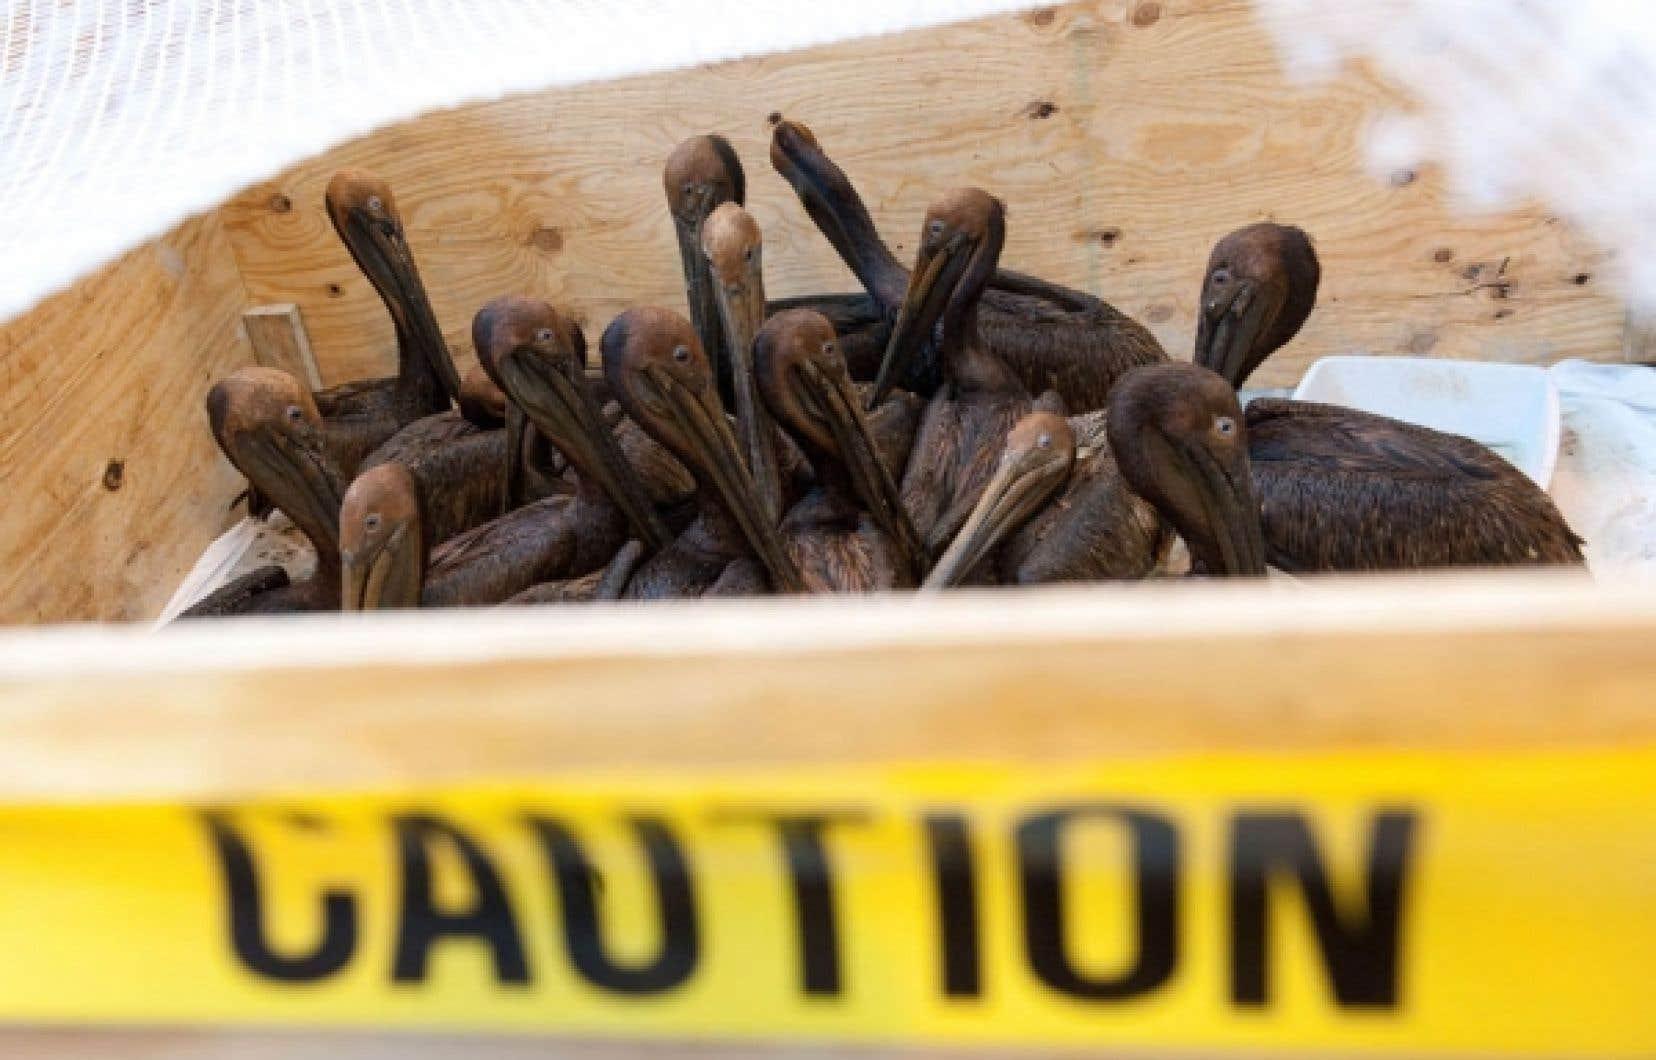 La colère de l'opinion américaine croît, 55 jours après l'explosion et le naufrage de la plate-forme de forage Deepwater Horizon, nourrie par des images de plages polluées, de pêcheurs inquiets ou encore d'oiseaux englués dans le pétrole, comme ces pélicans bruns, l'emblème de la Louisiane.